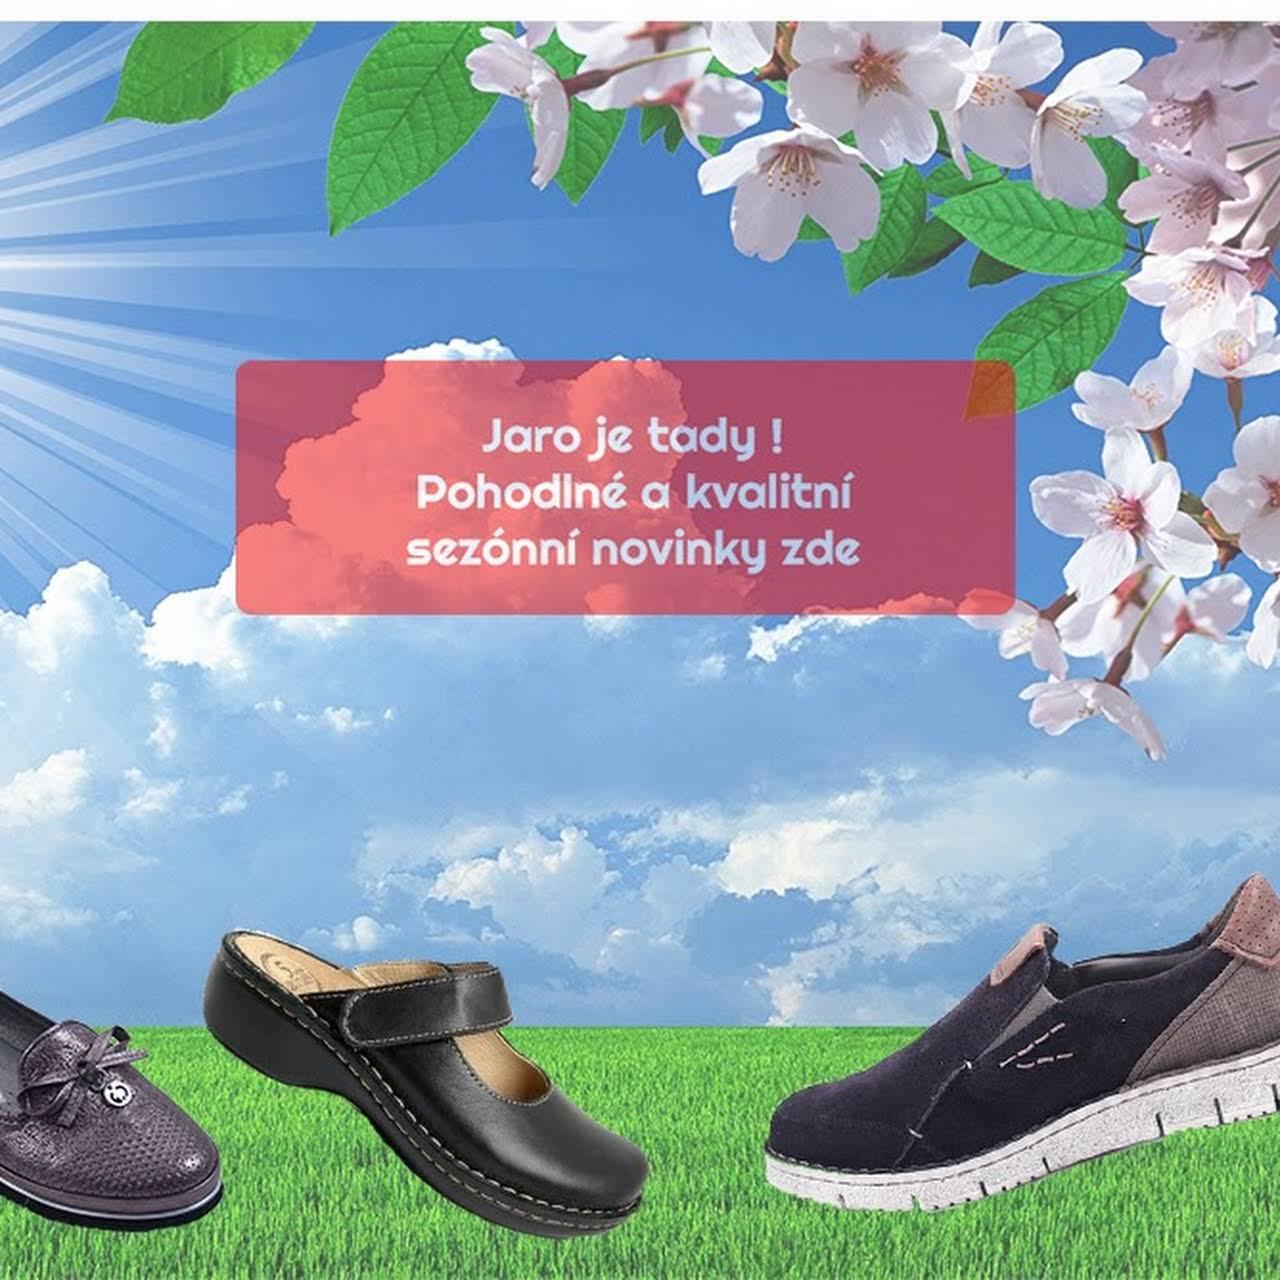 fb6536e7396f Kvalitní a pohodlné jarní boty najdete na TUTY BOTY